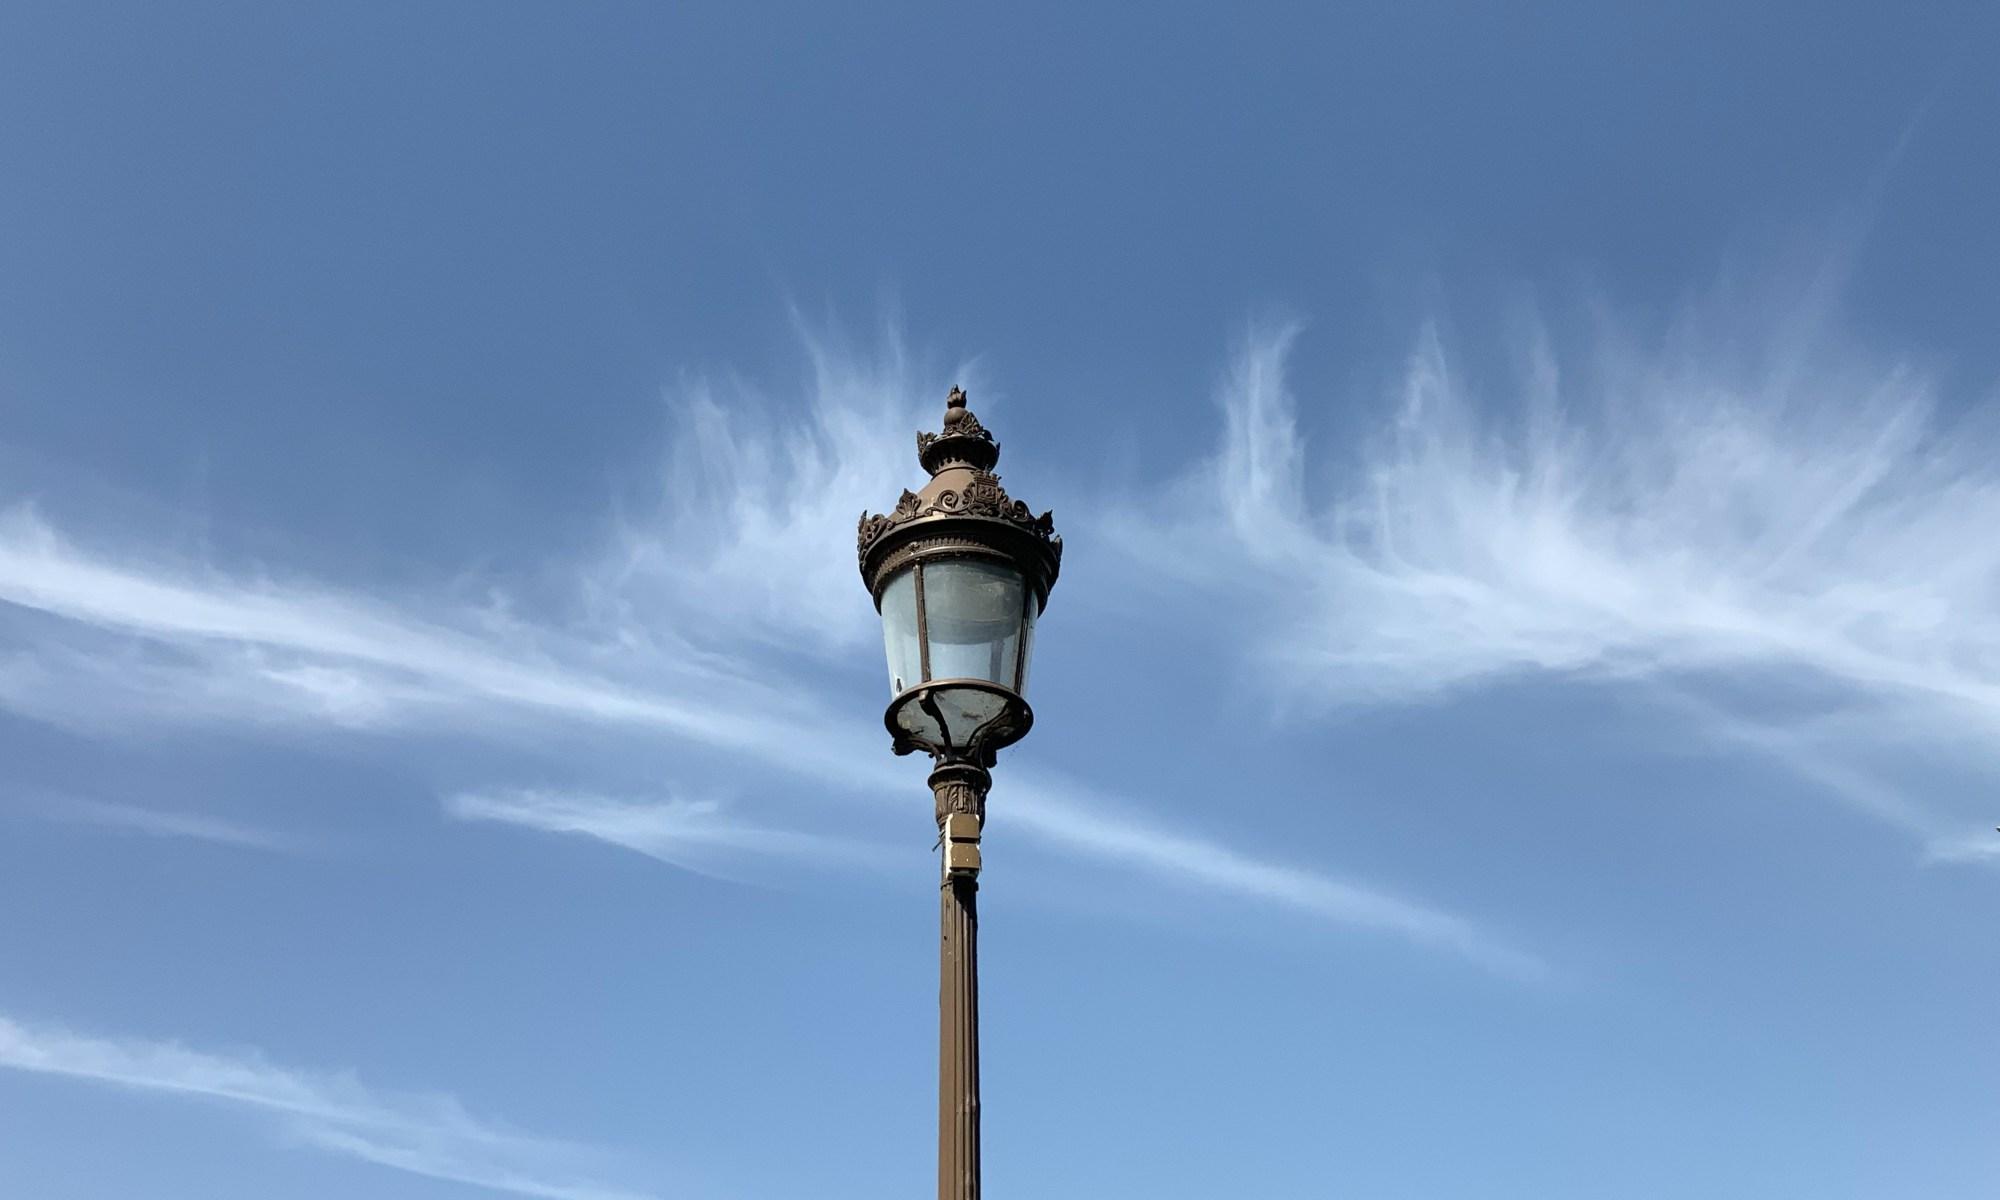 Lampadaire entre les nuages